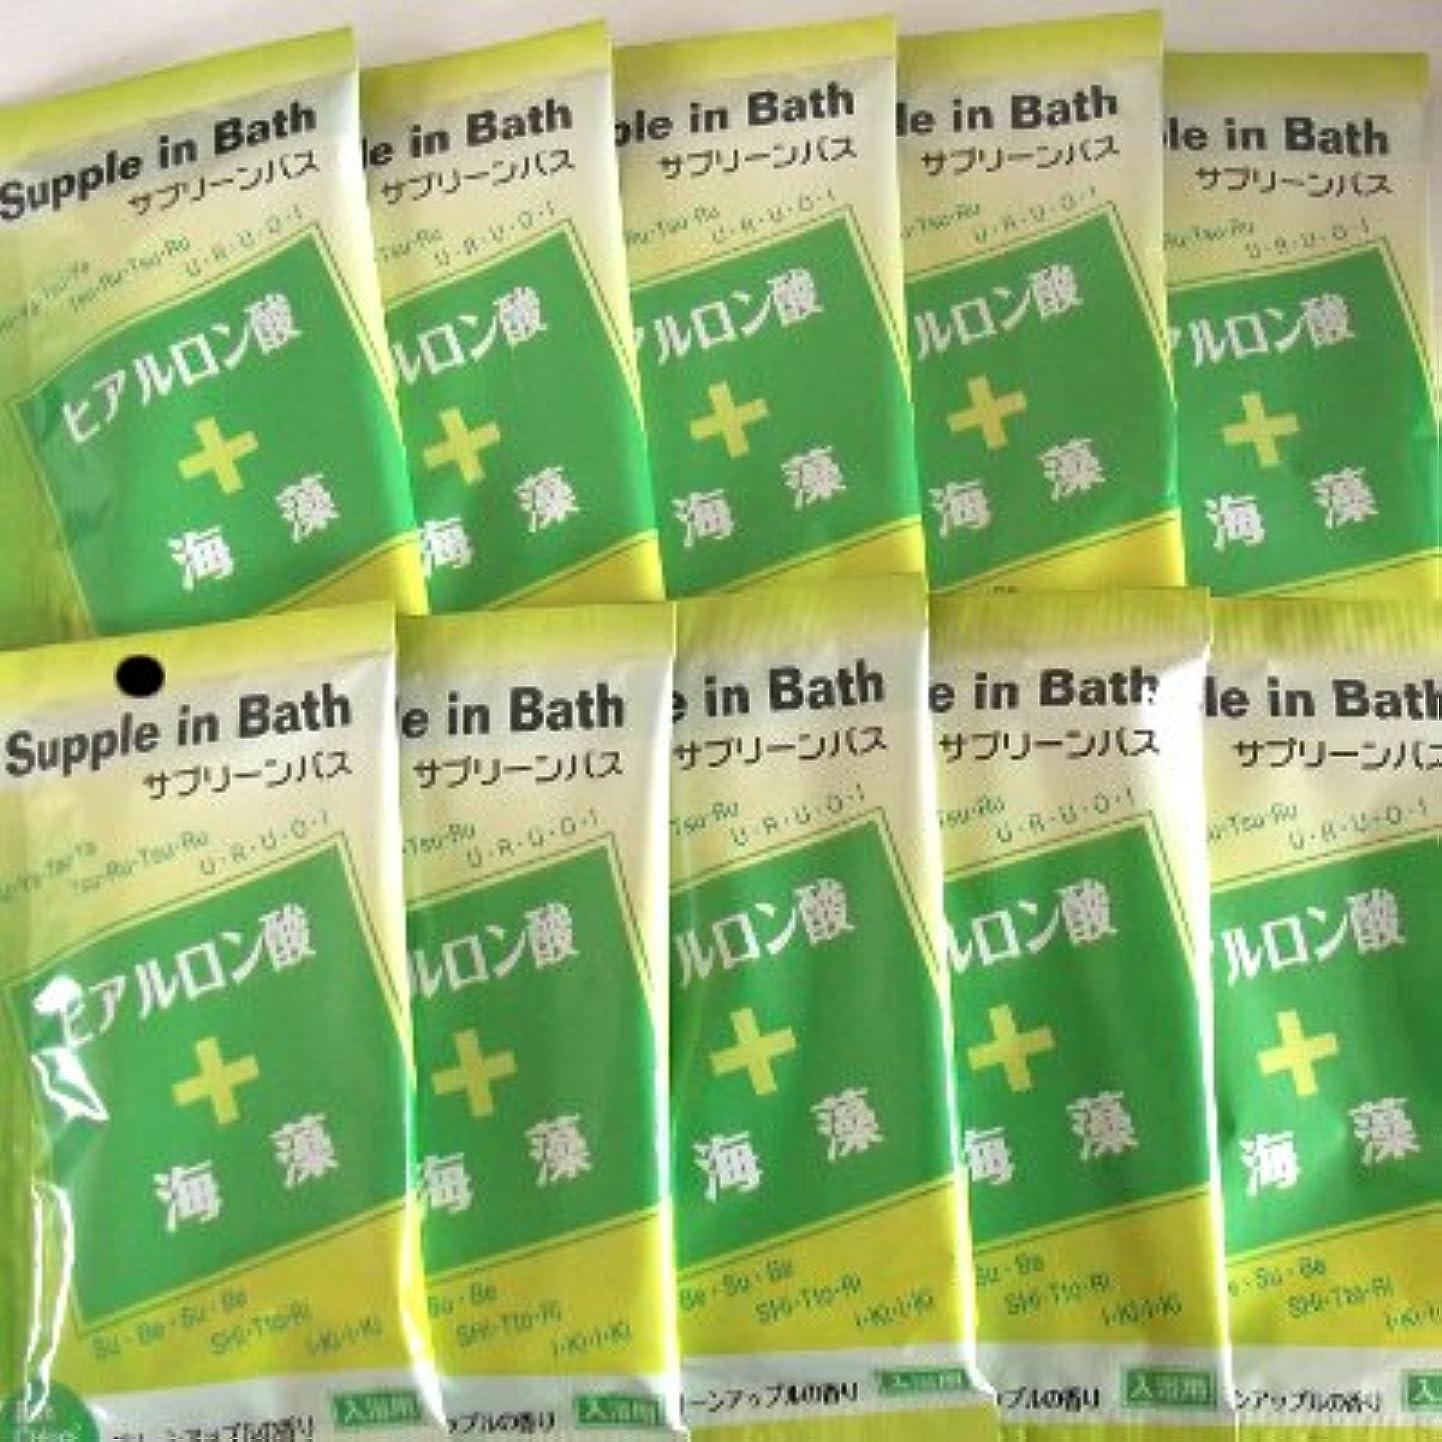 海岸居住者ルートサプリーンバス ヒアルロン酸+海藻 10包セット